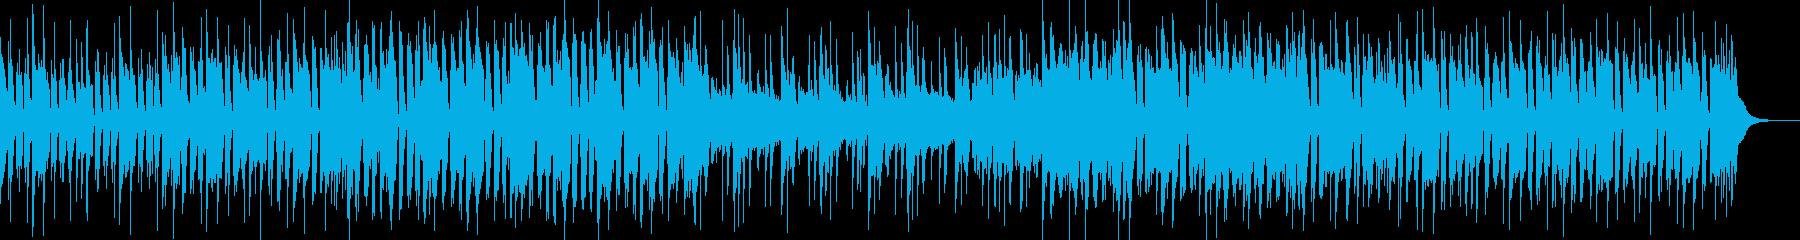 日常感溢れる楽曲の再生済みの波形